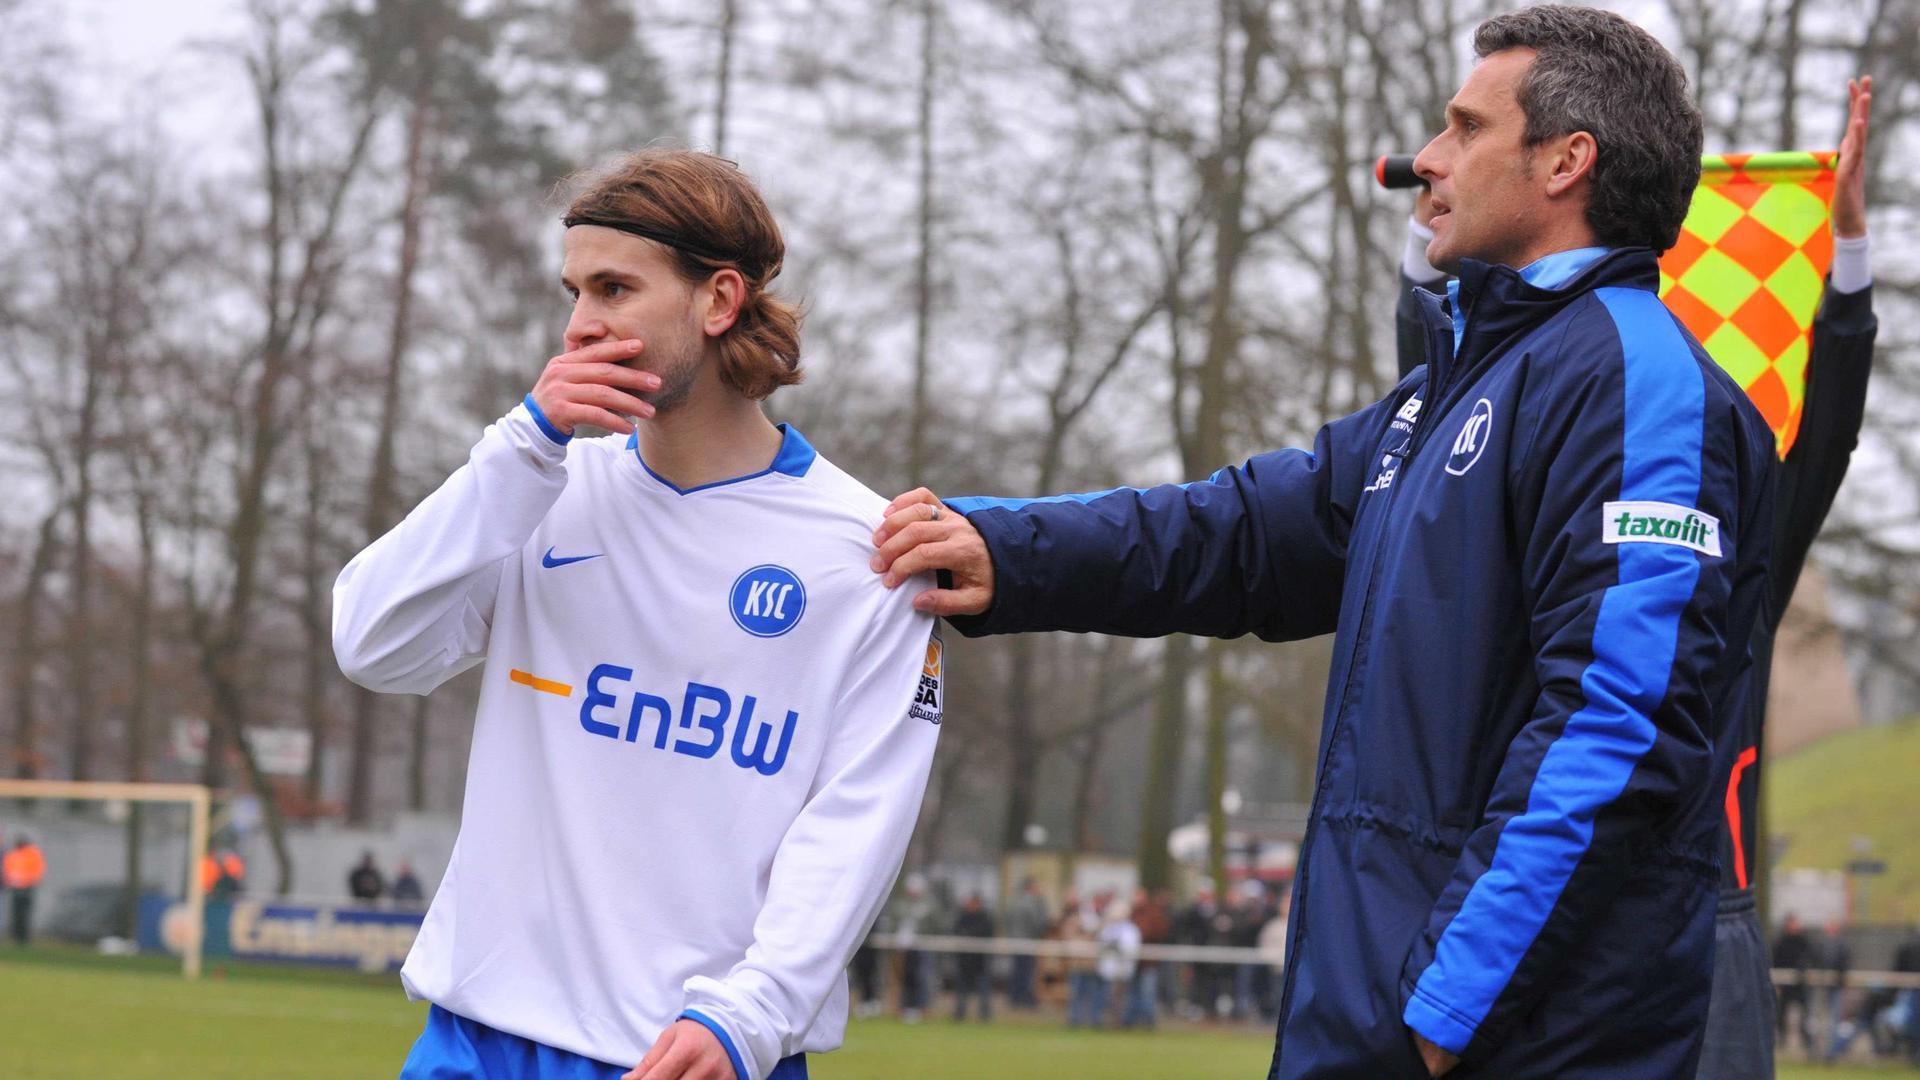 Es war kompliziert: Das Verhältnis zwischen Gaétan Krebs und dem Trainer Markus Schupp war zu keiner Zeit der Zusammenarbeit das beste.